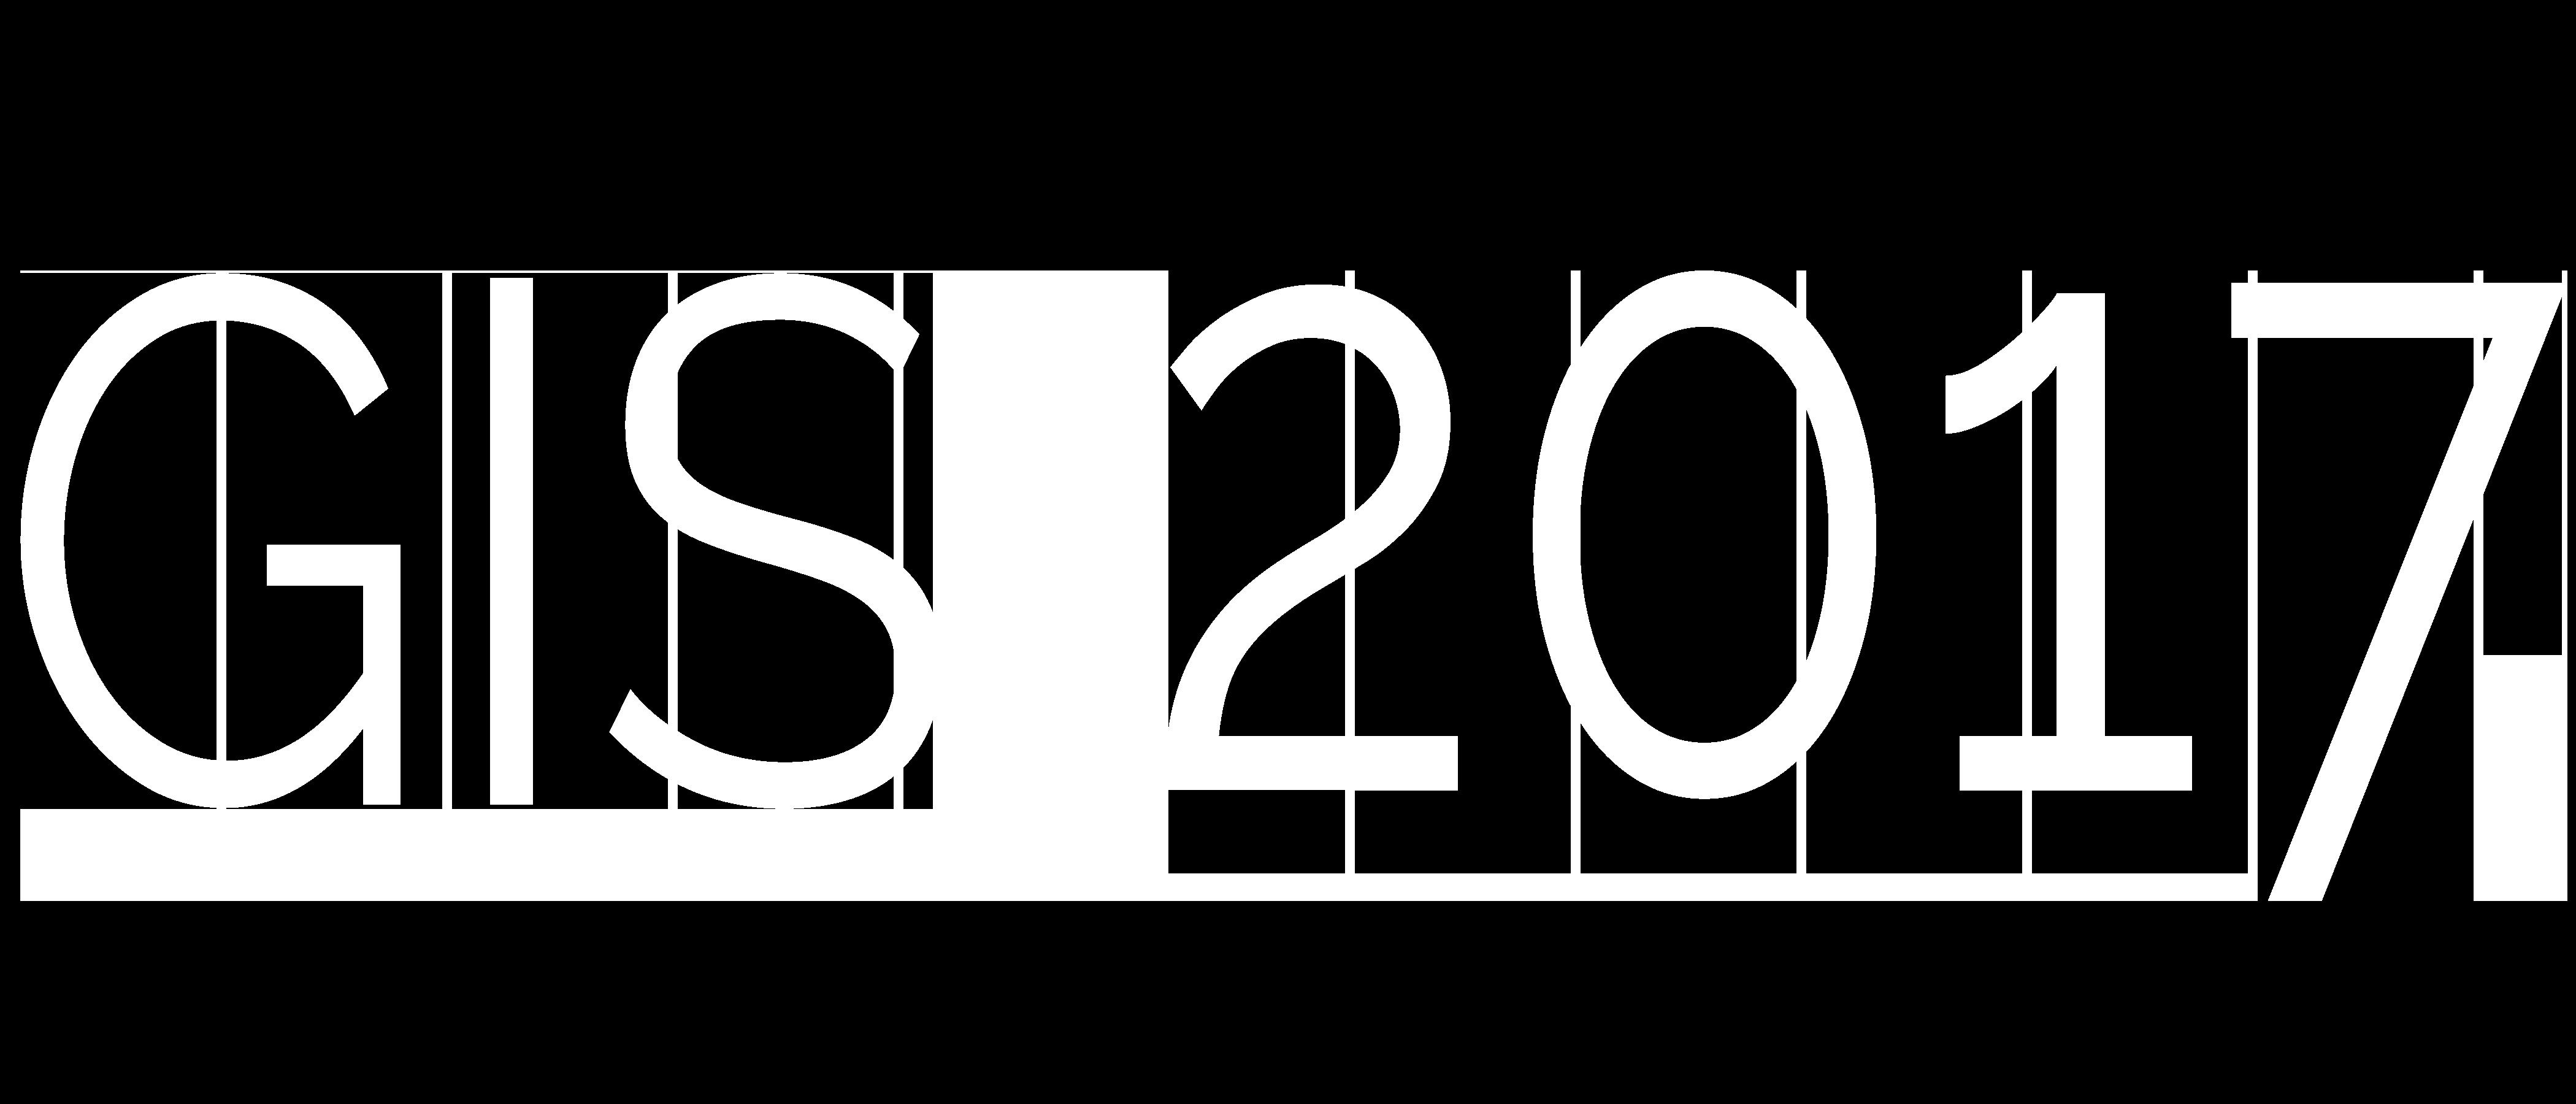 GIS2017